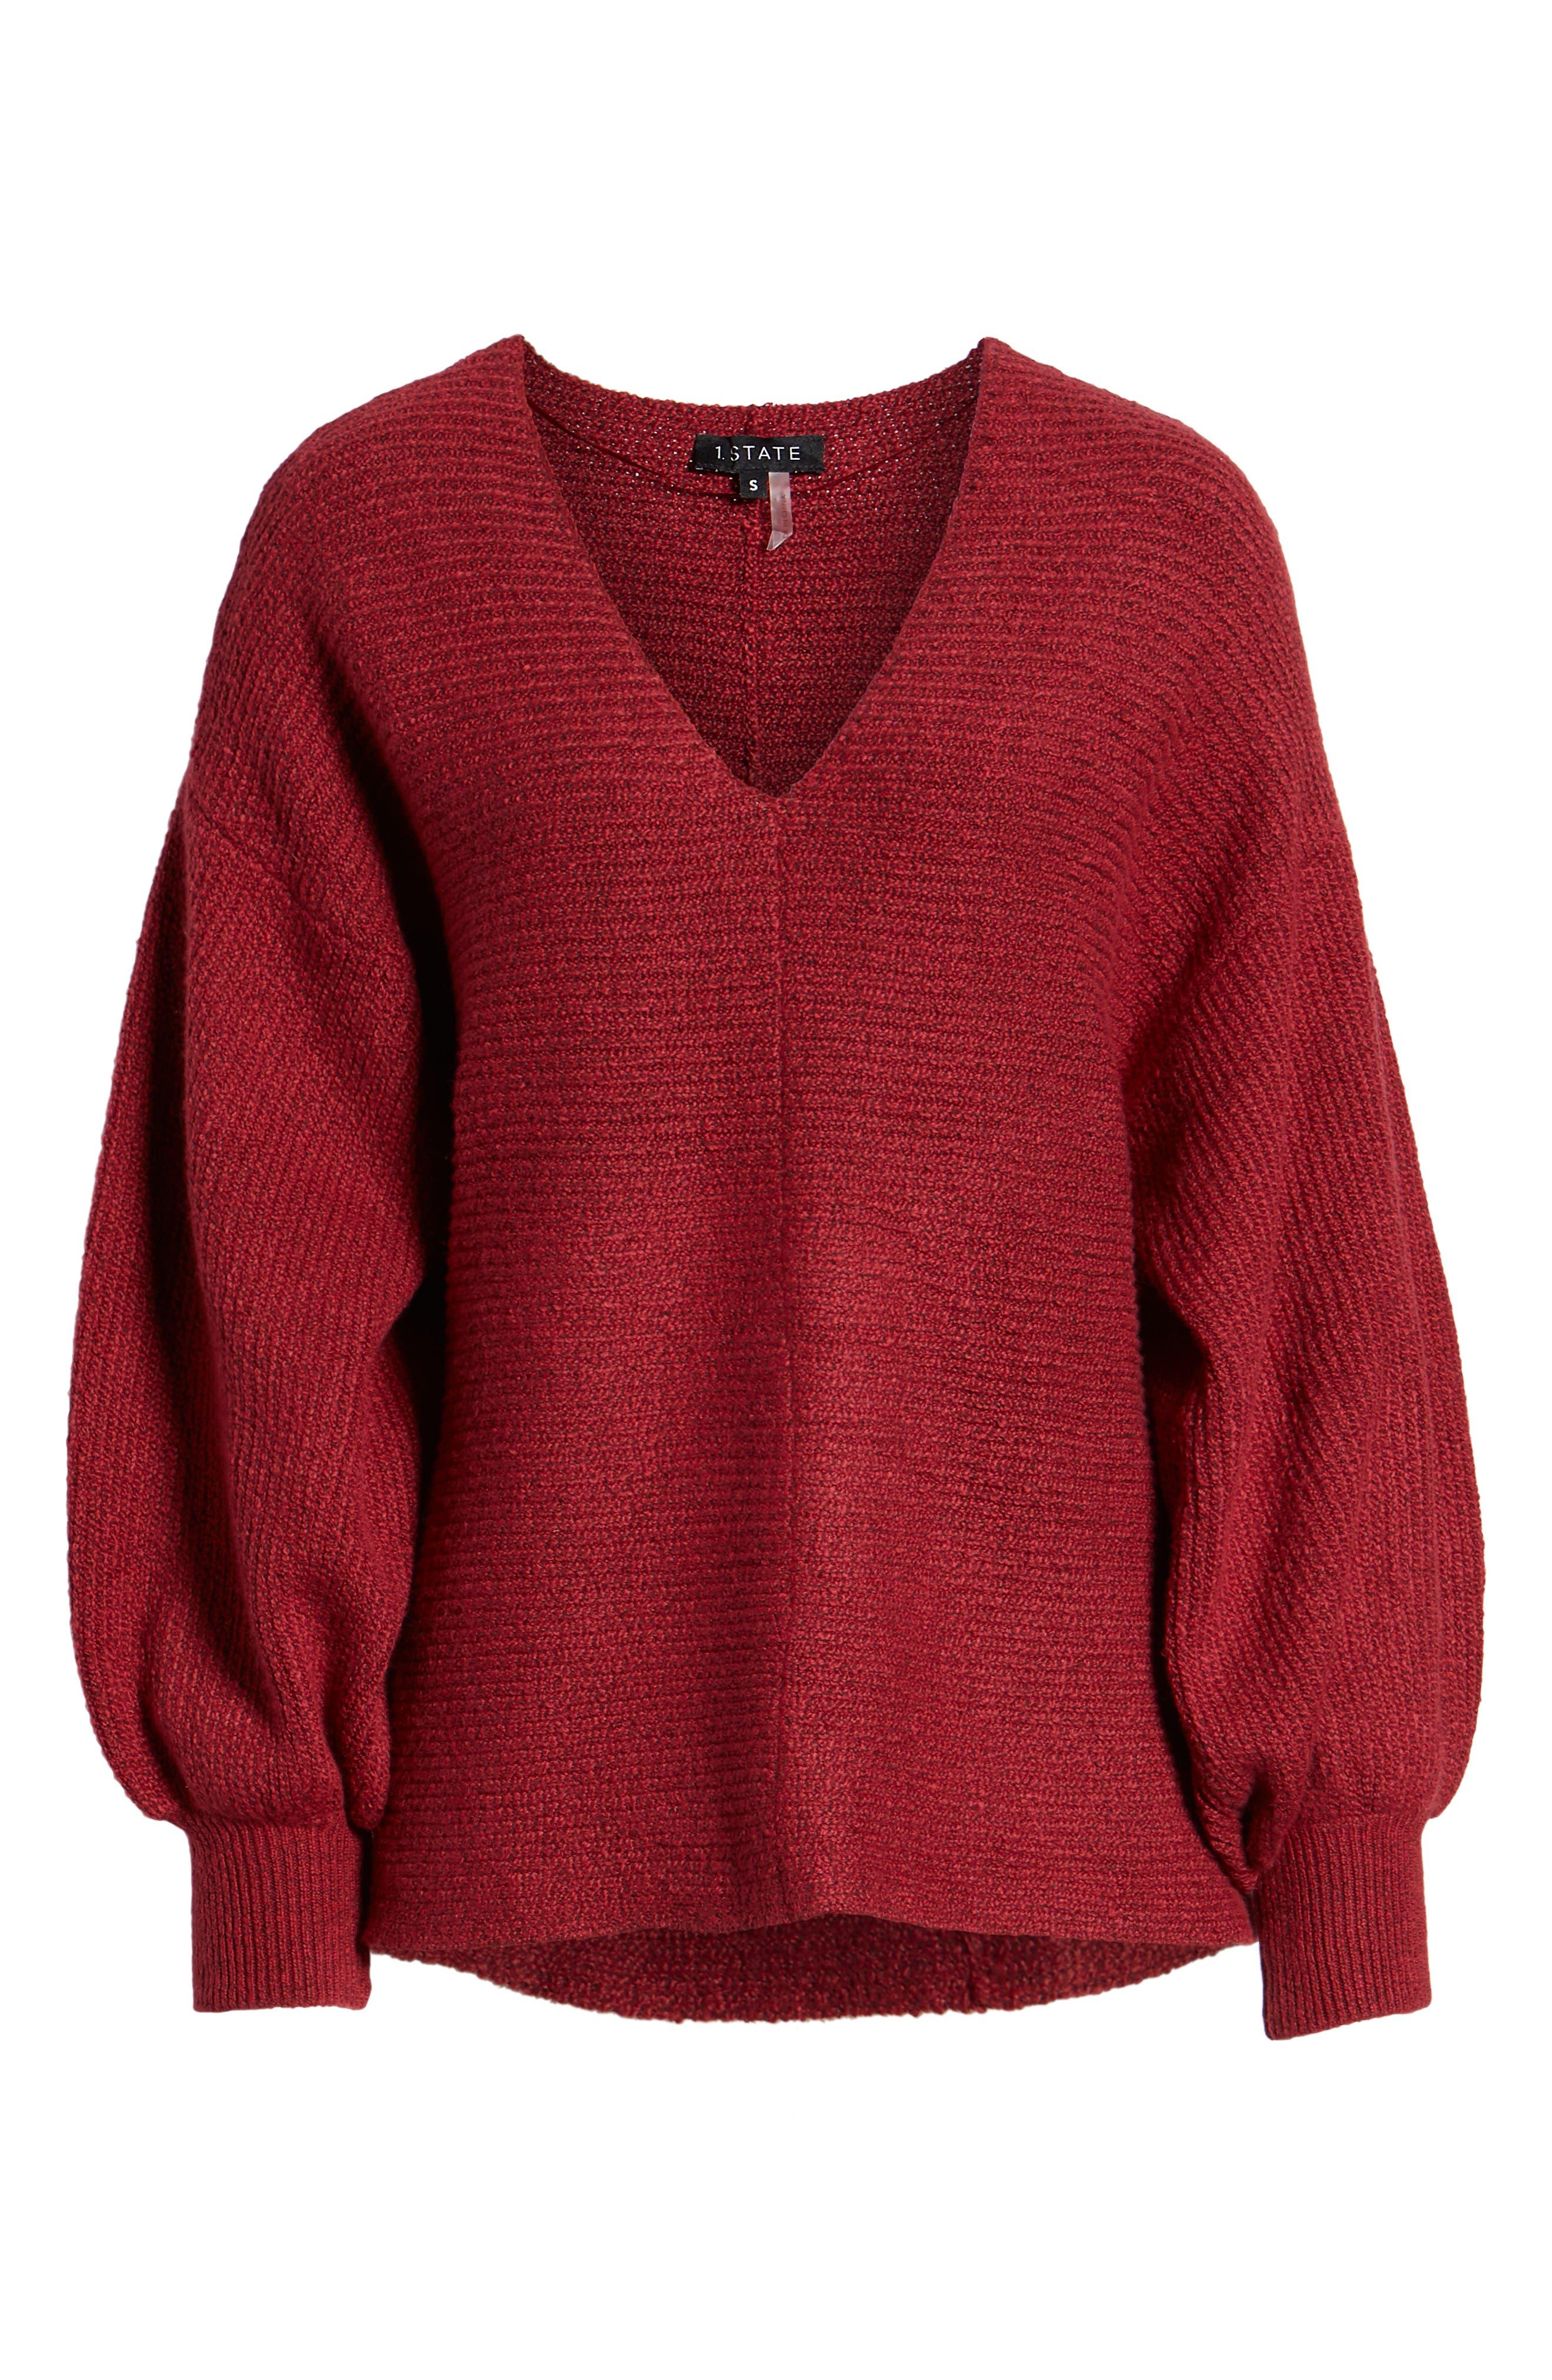 Blouson Sleeve V-Neck Sweater,                             Alternate thumbnail 6, color,                             641